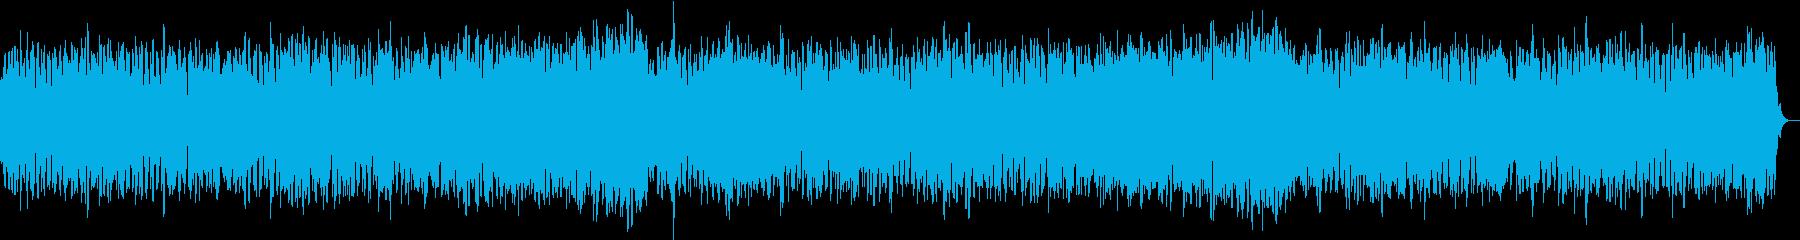 優しく明るいサウンドのヒーリング音楽の再生済みの波形